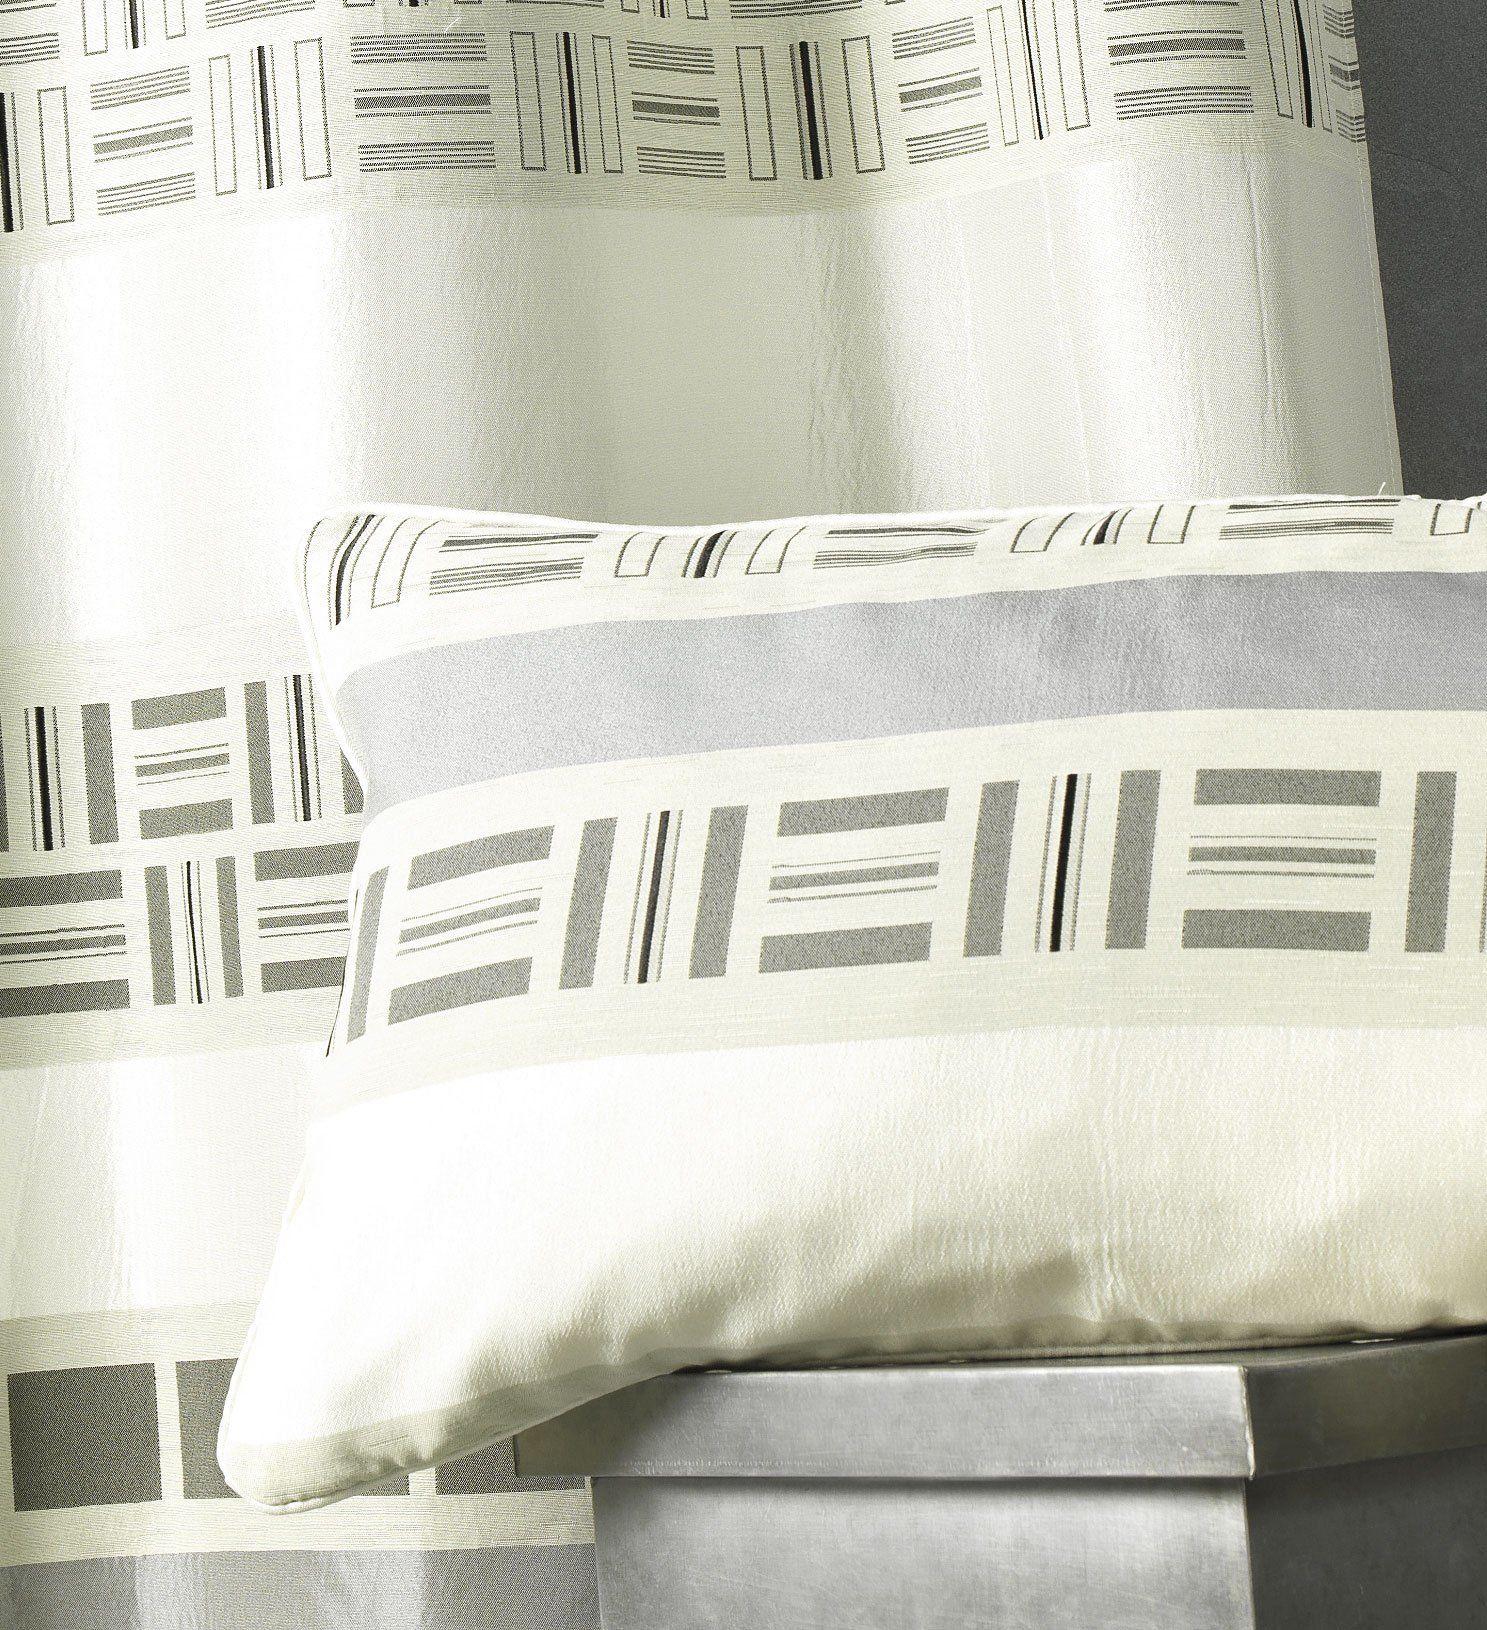 HomeMaison hm69 C349885 poduszka żakardowa, nadruk wzór poliester biały 45 x 45 cm